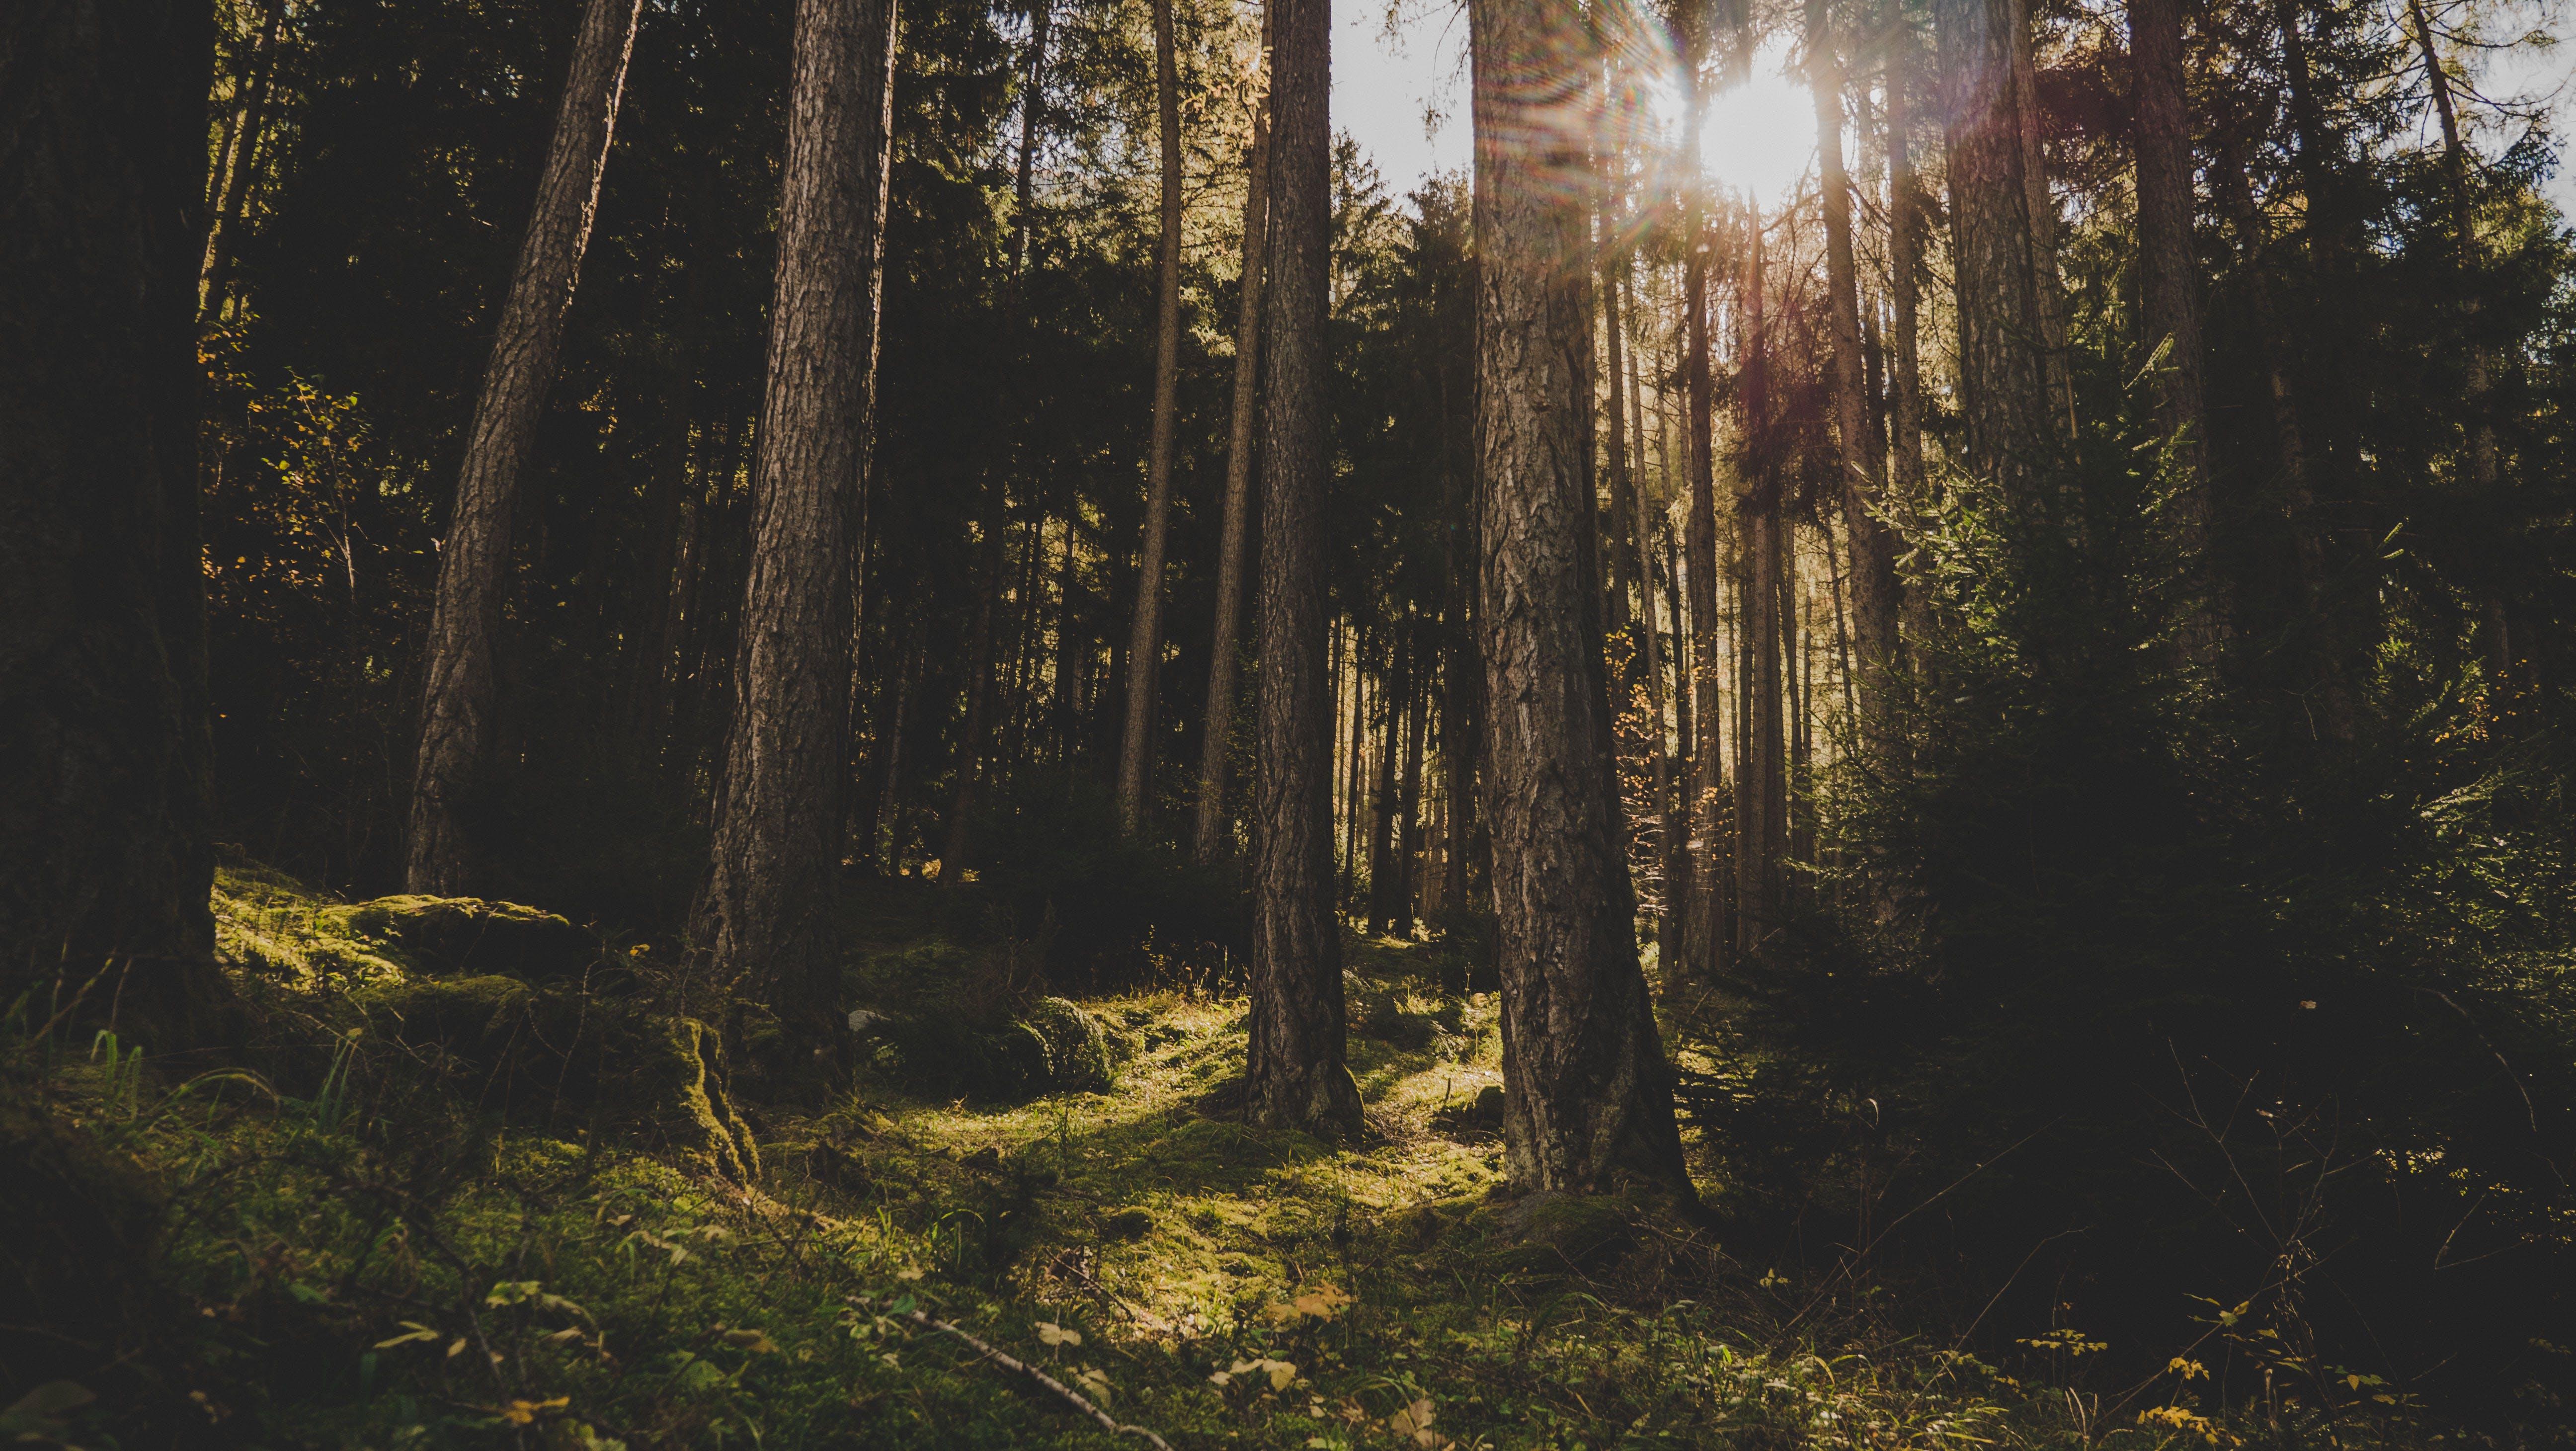 Безкоштовне стокове фото на тему «Денне світло, дерева, ліс, мальовничий»